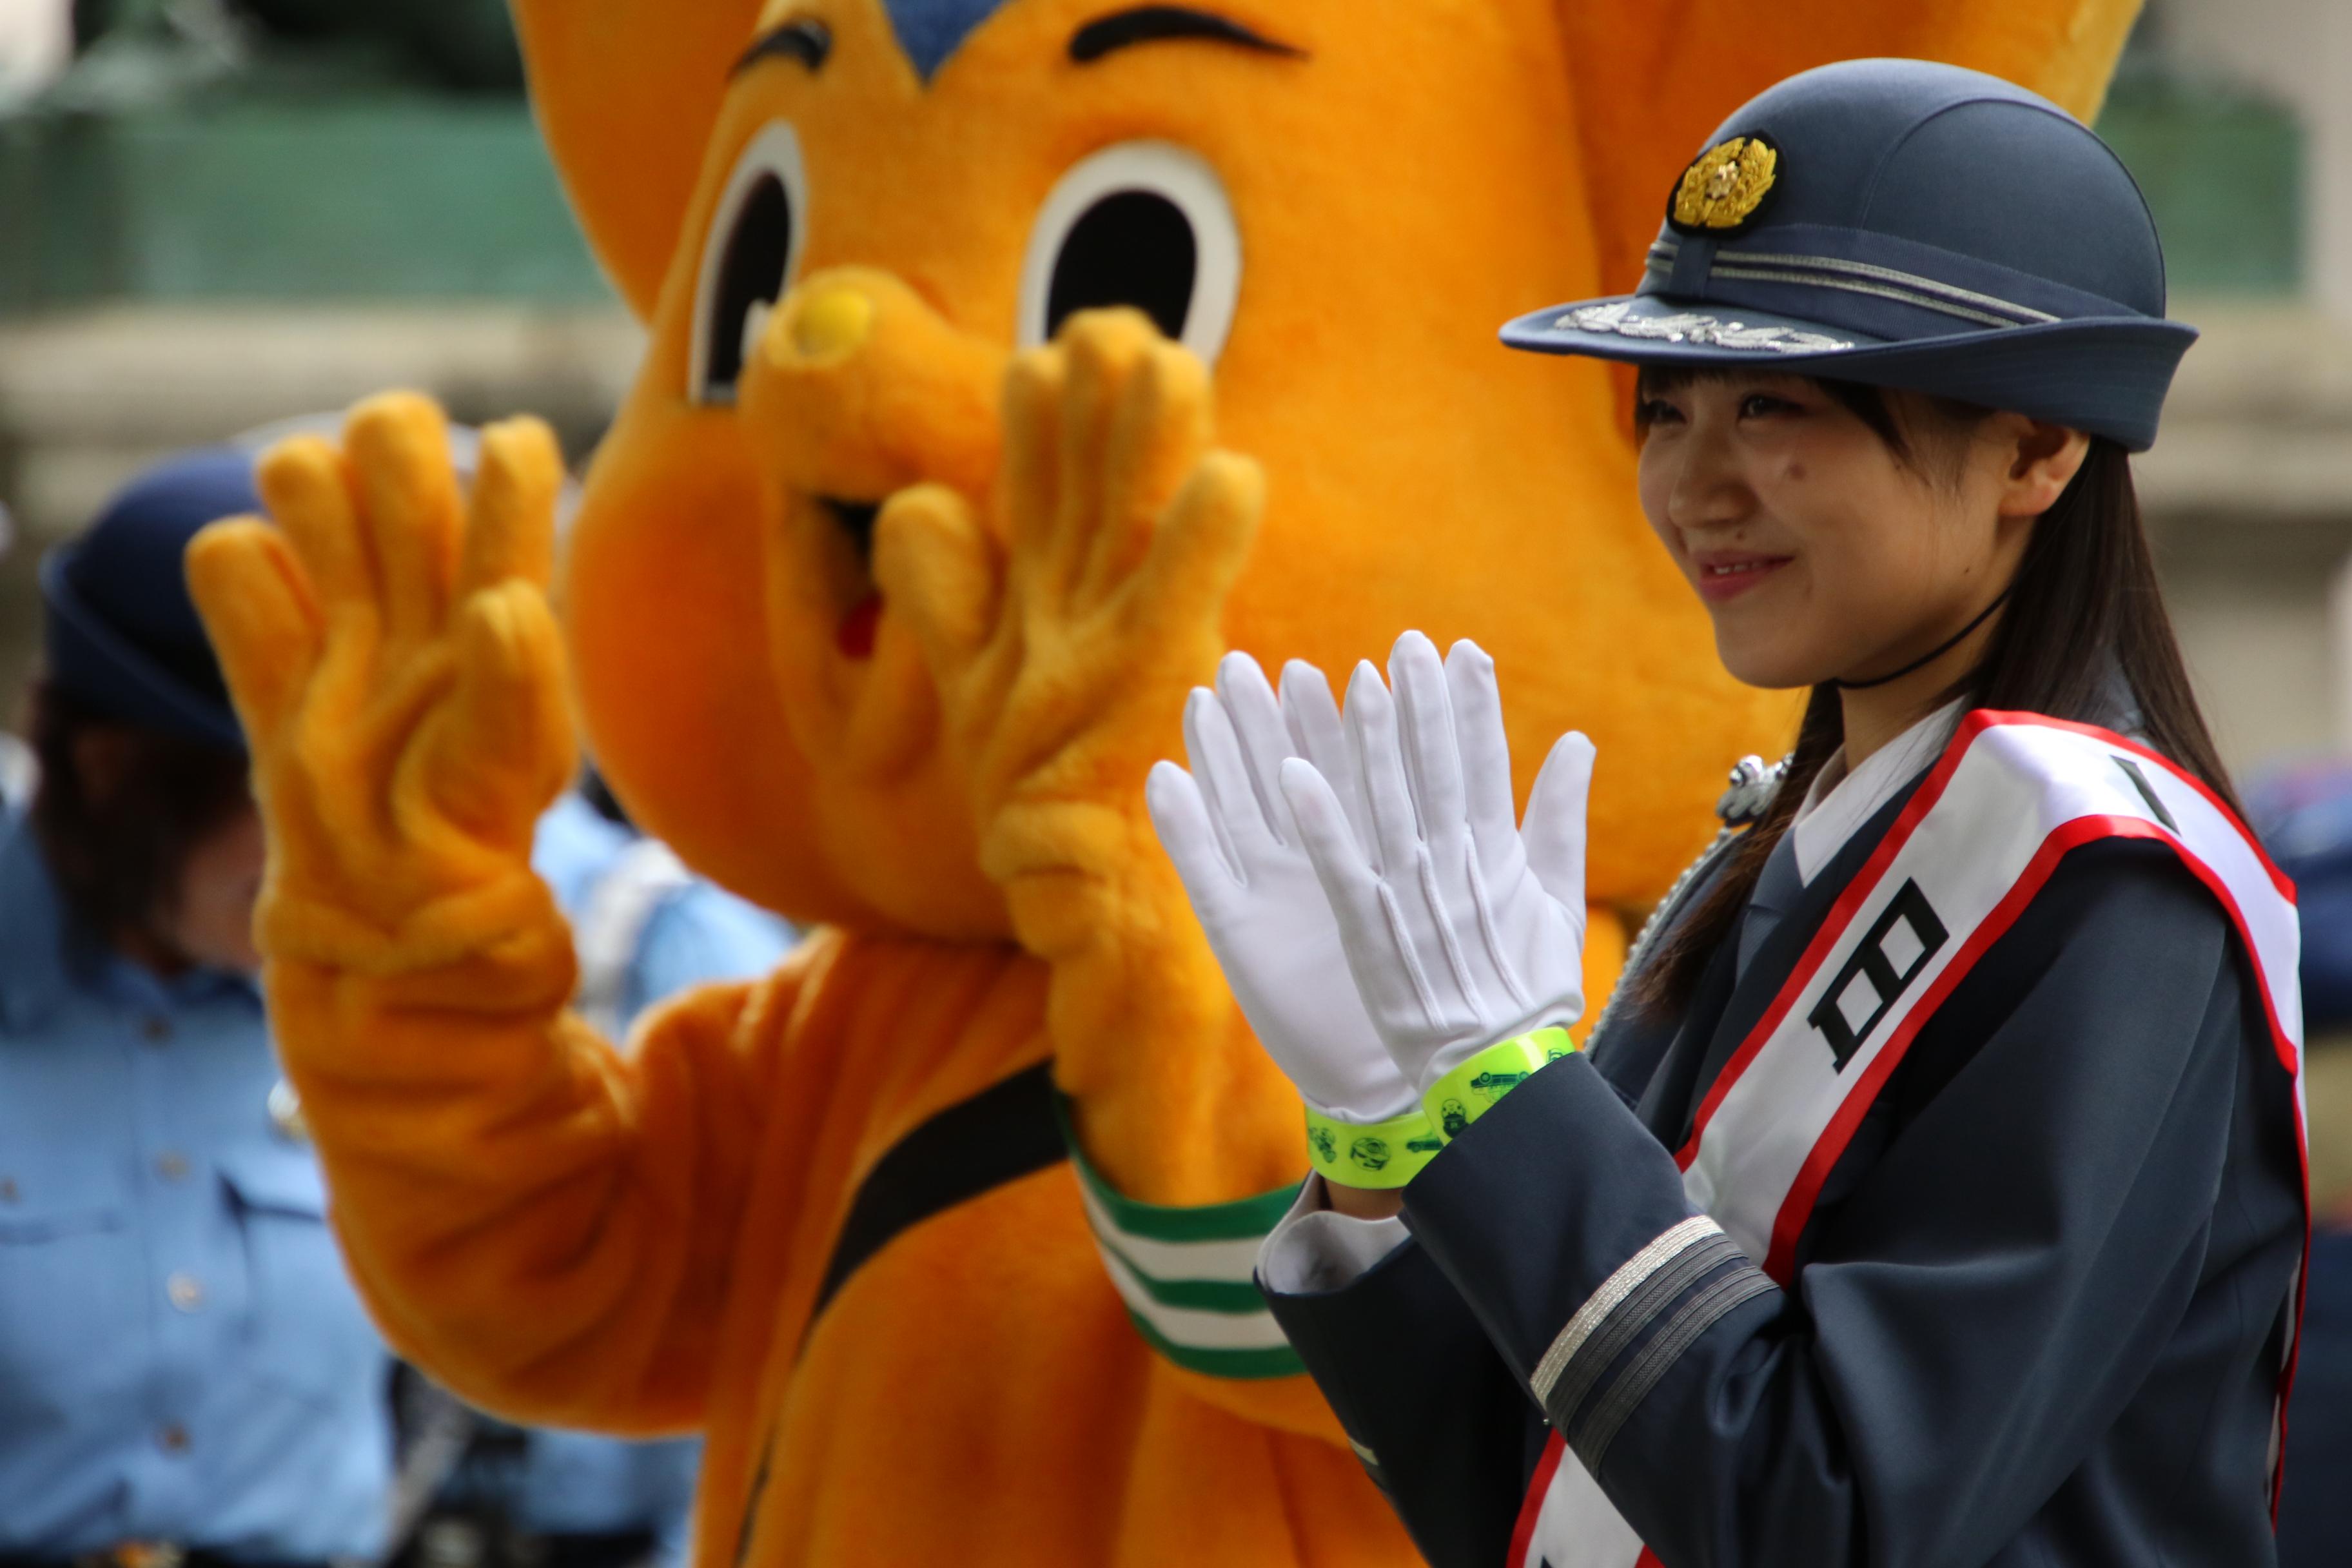 ピーポくんと交通安全をアピールする稲垣香織一日警察署長